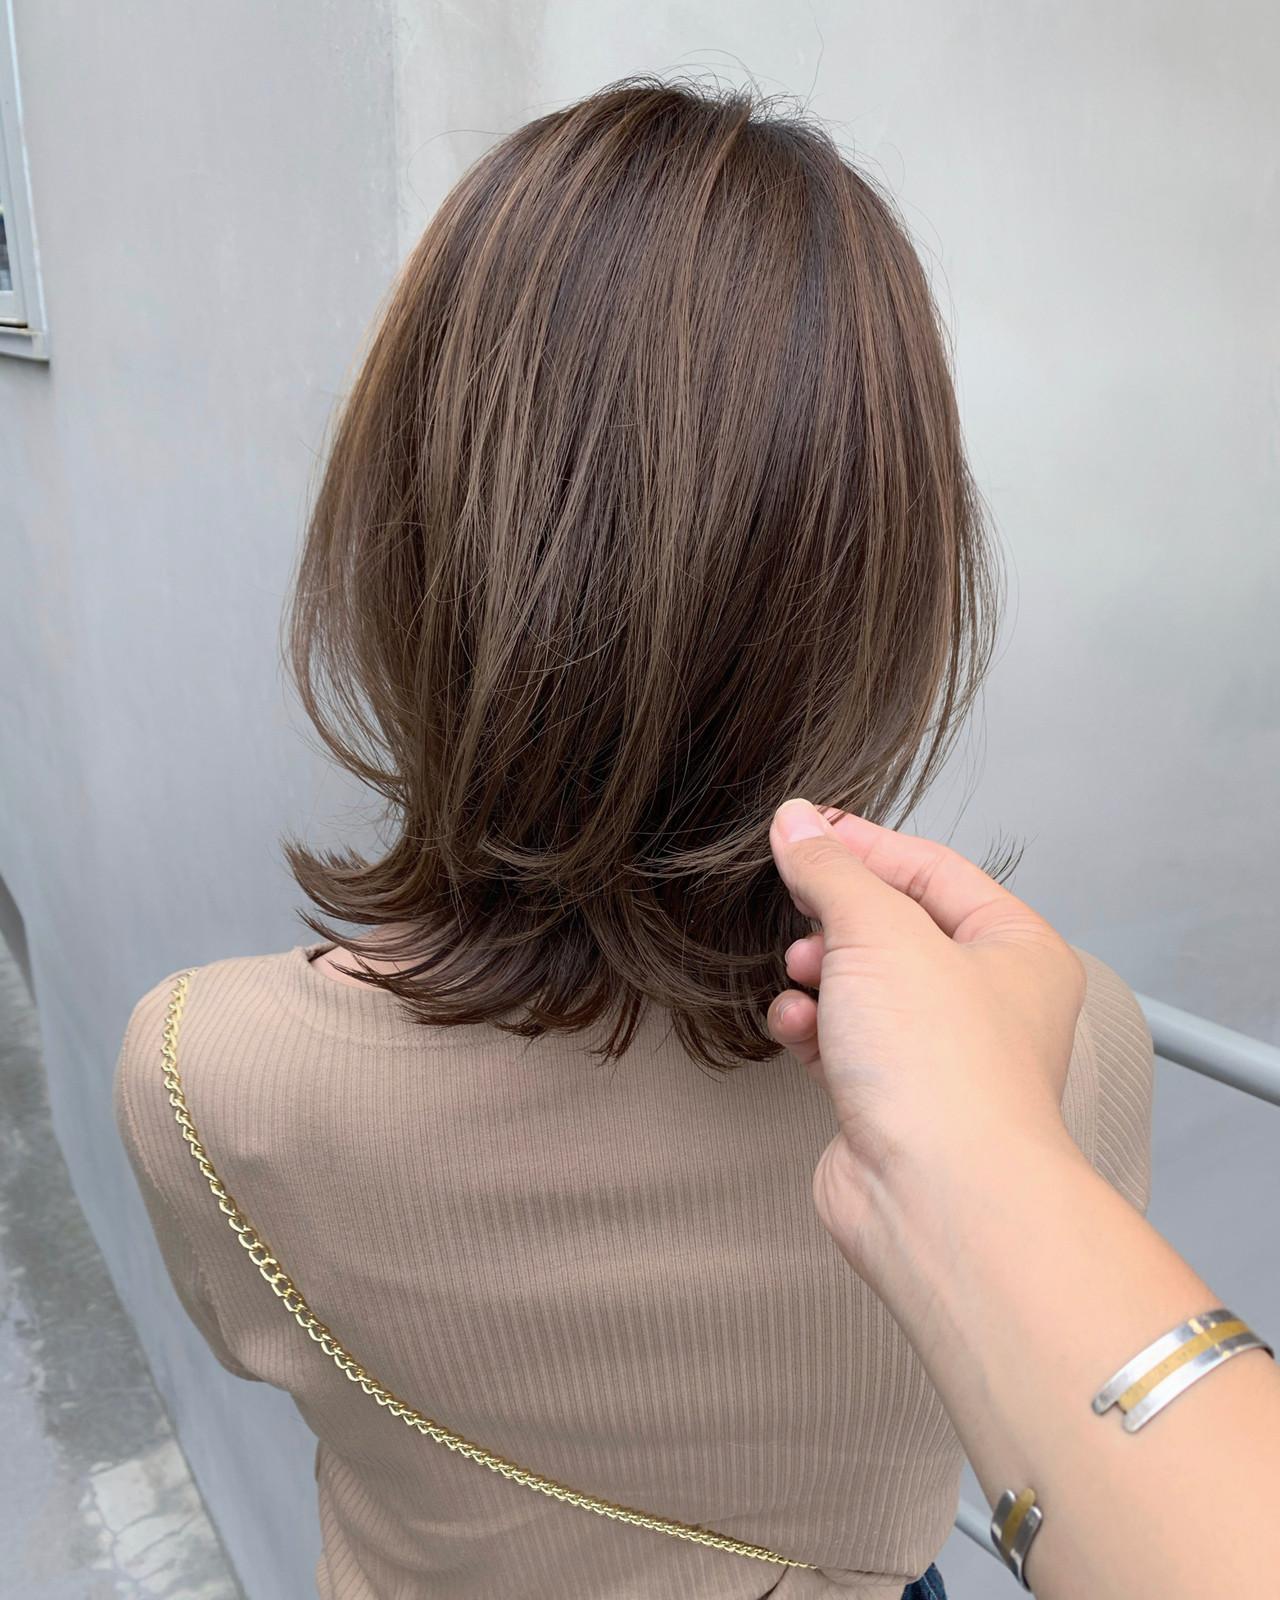 ベリーショート ナチュラル ミニボブ ショートボブ ヘアスタイルや髪型の写真・画像